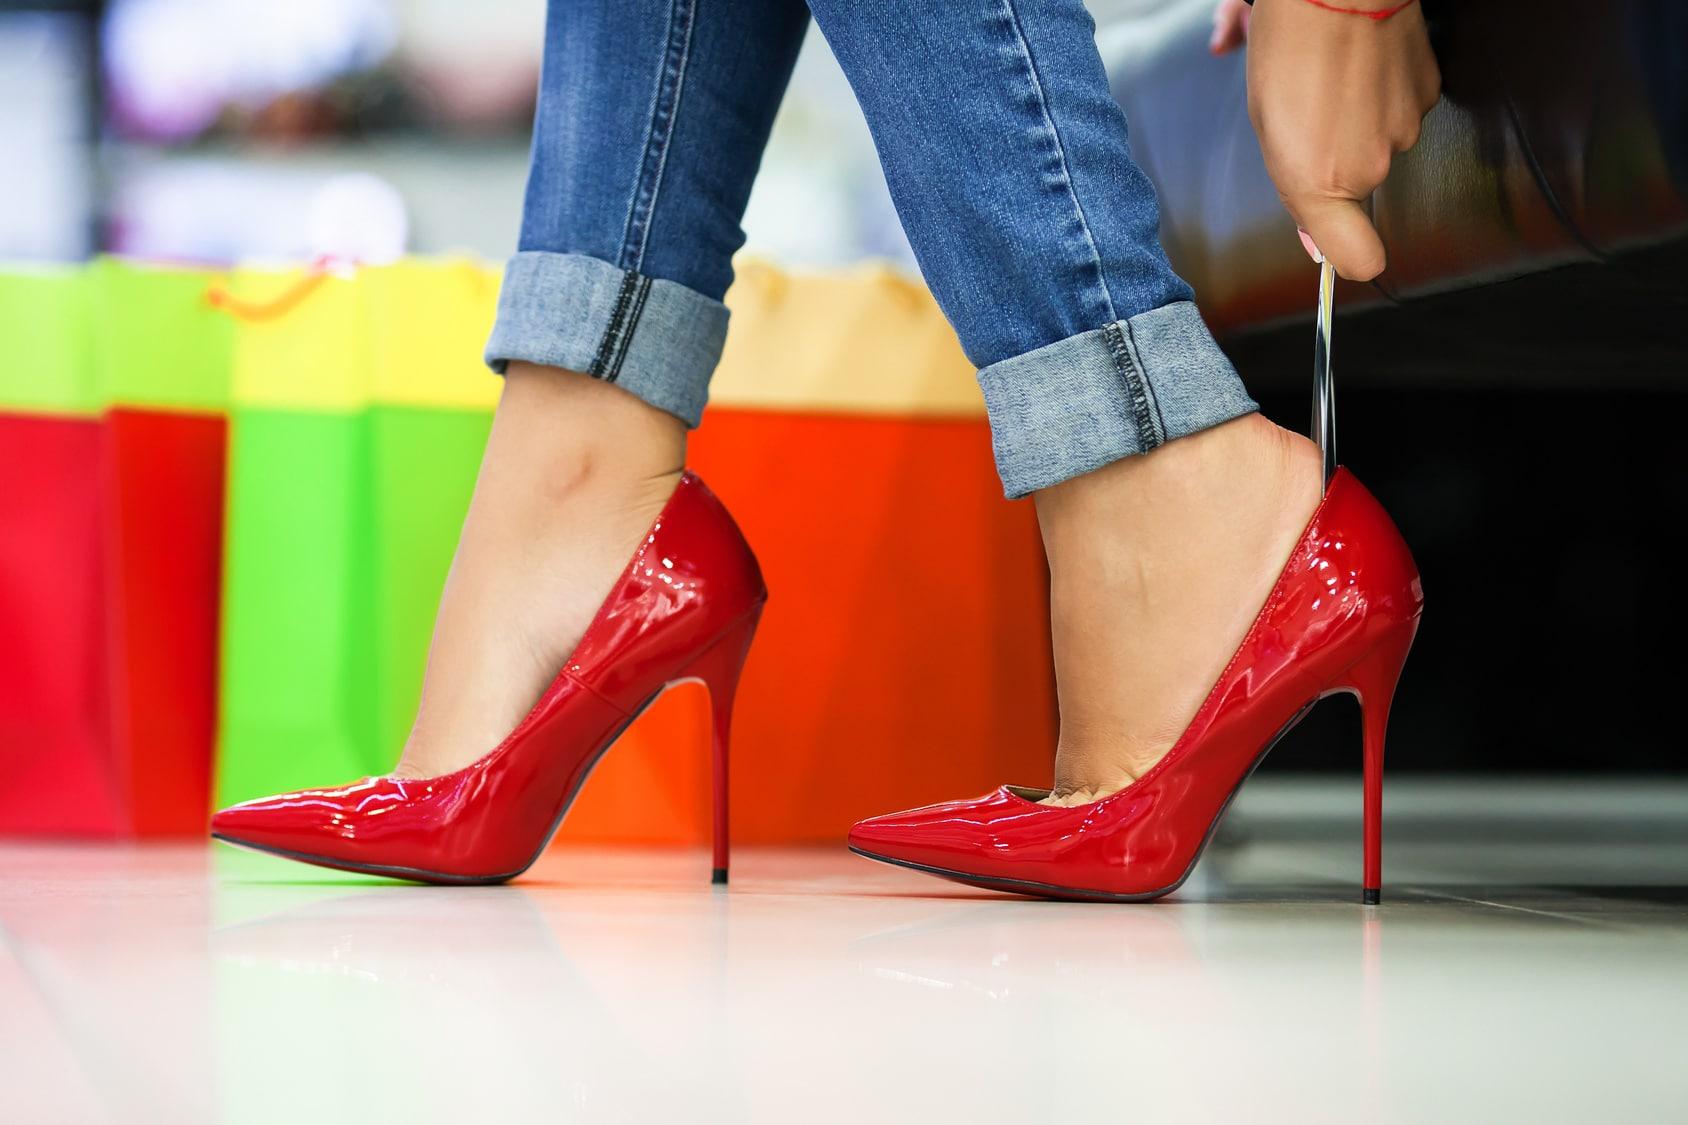 c08da67657 Vender Sapatos no Atacado  11 estratégias infalíveis